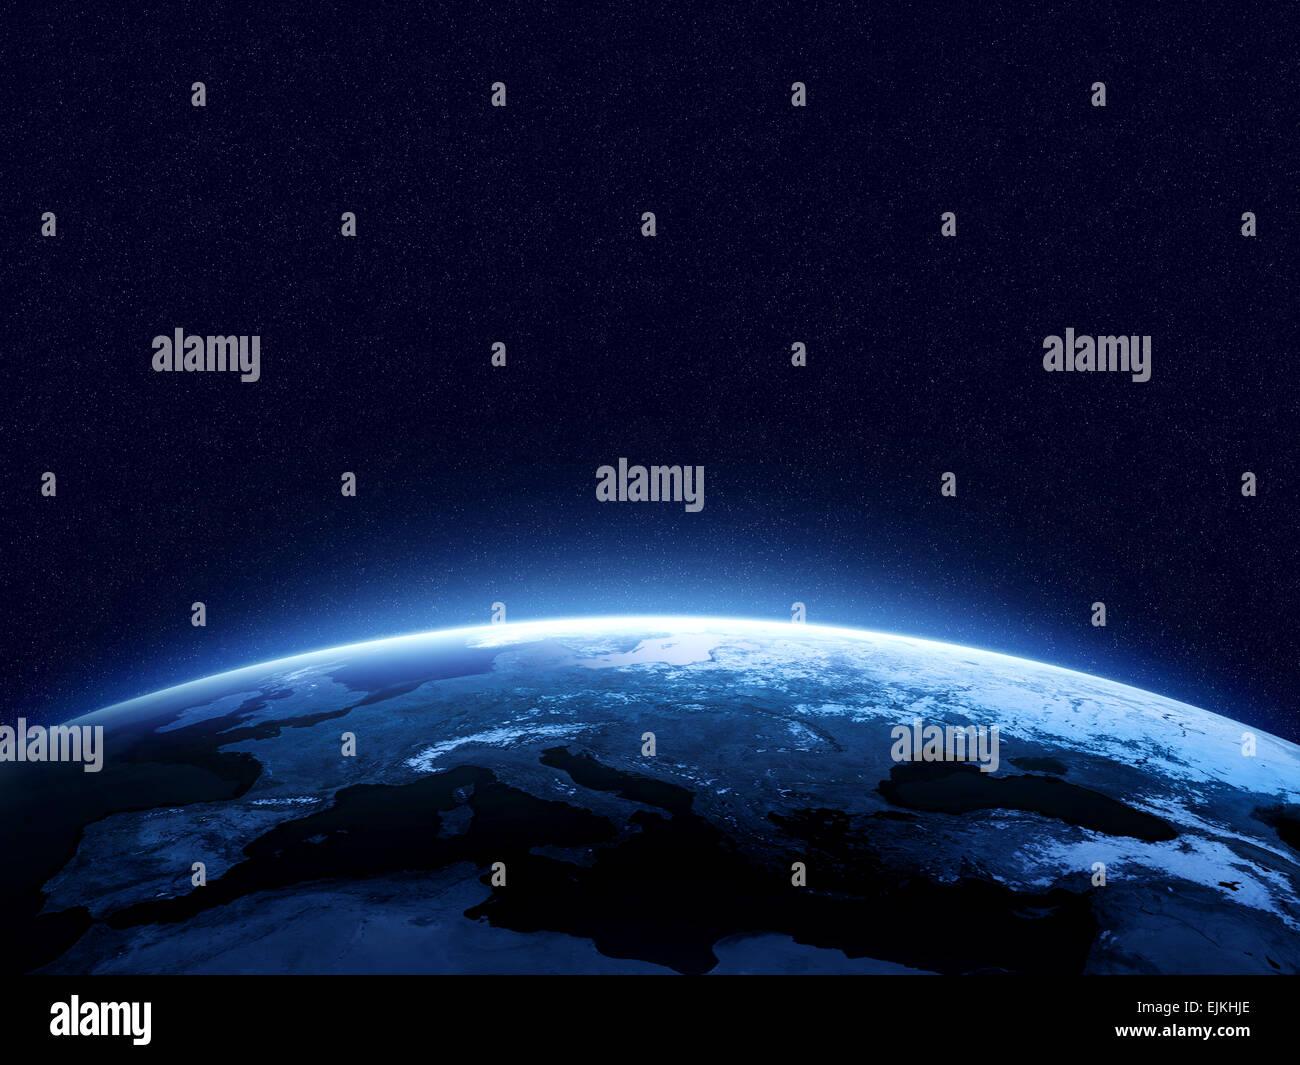 Erde bei Nacht wie aus dem Weltraum mit blau, glühende Atmosphäre und Platz an der Spitze zu sehen. Perfekt Stockbild